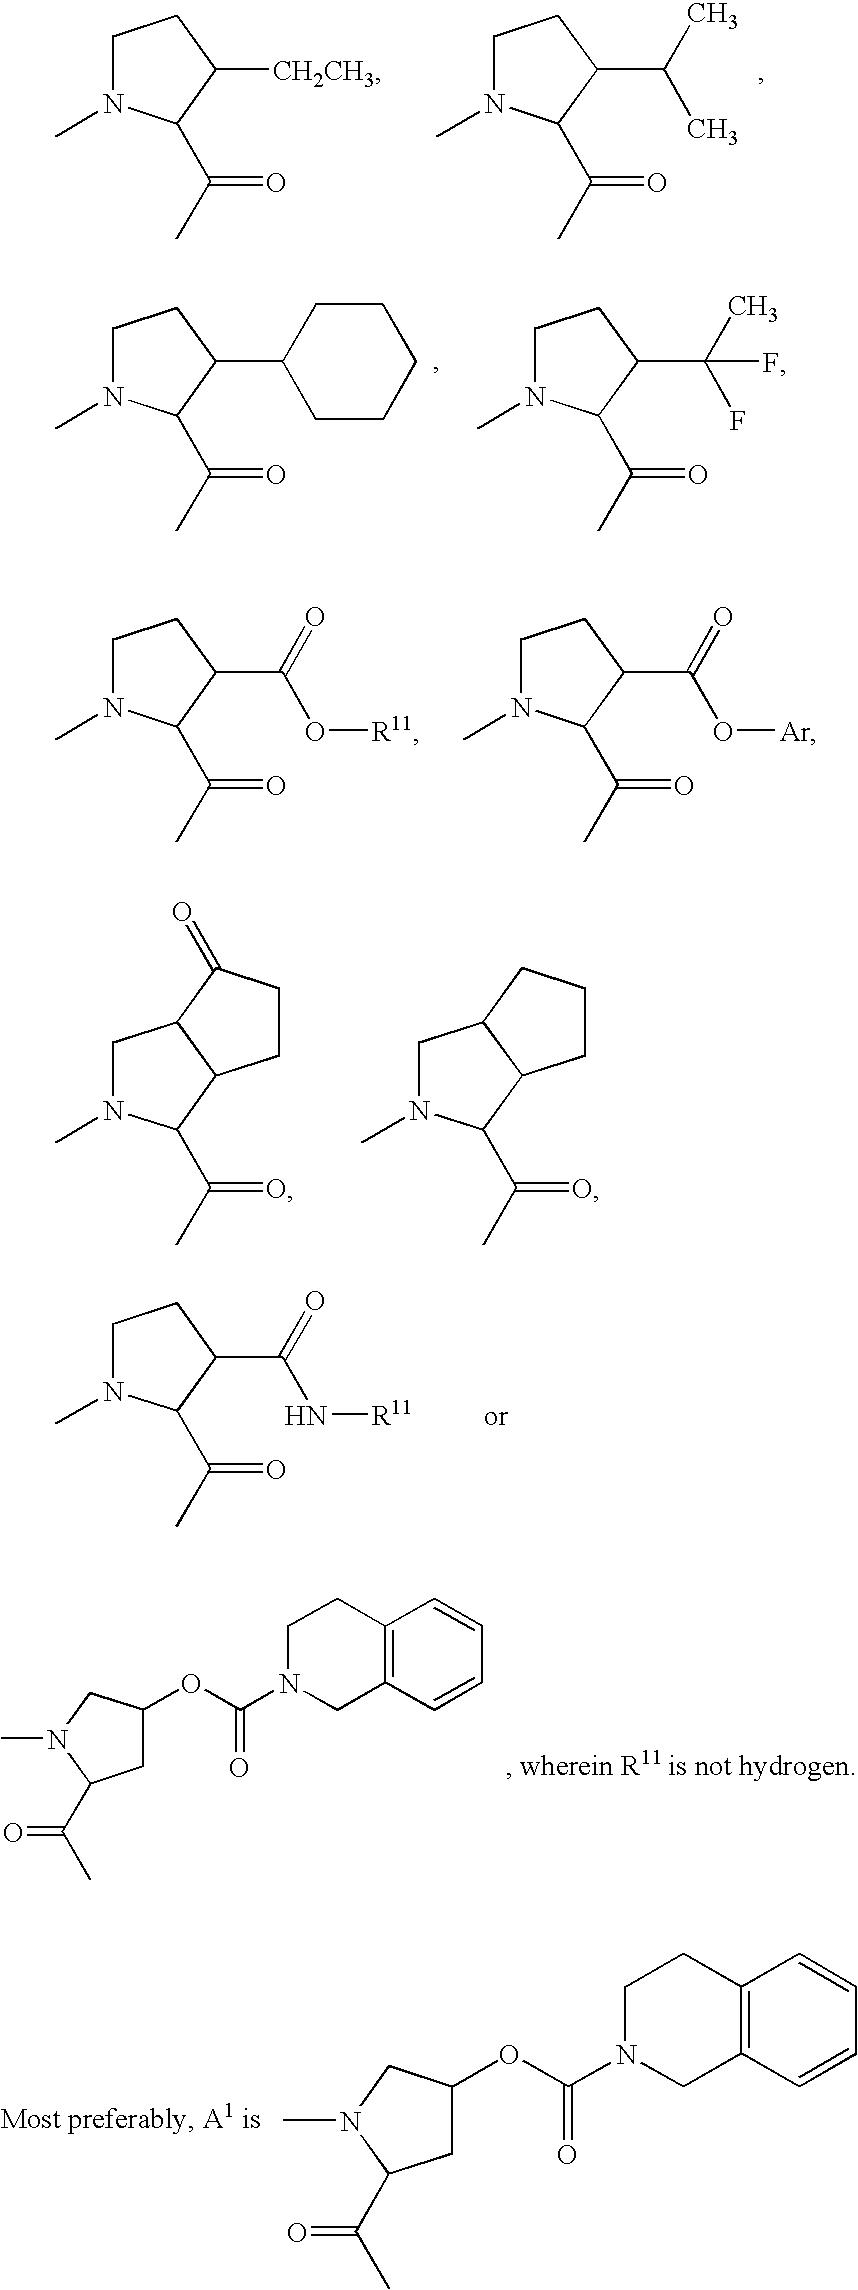 Figure US20030236242A1-20031225-C00007